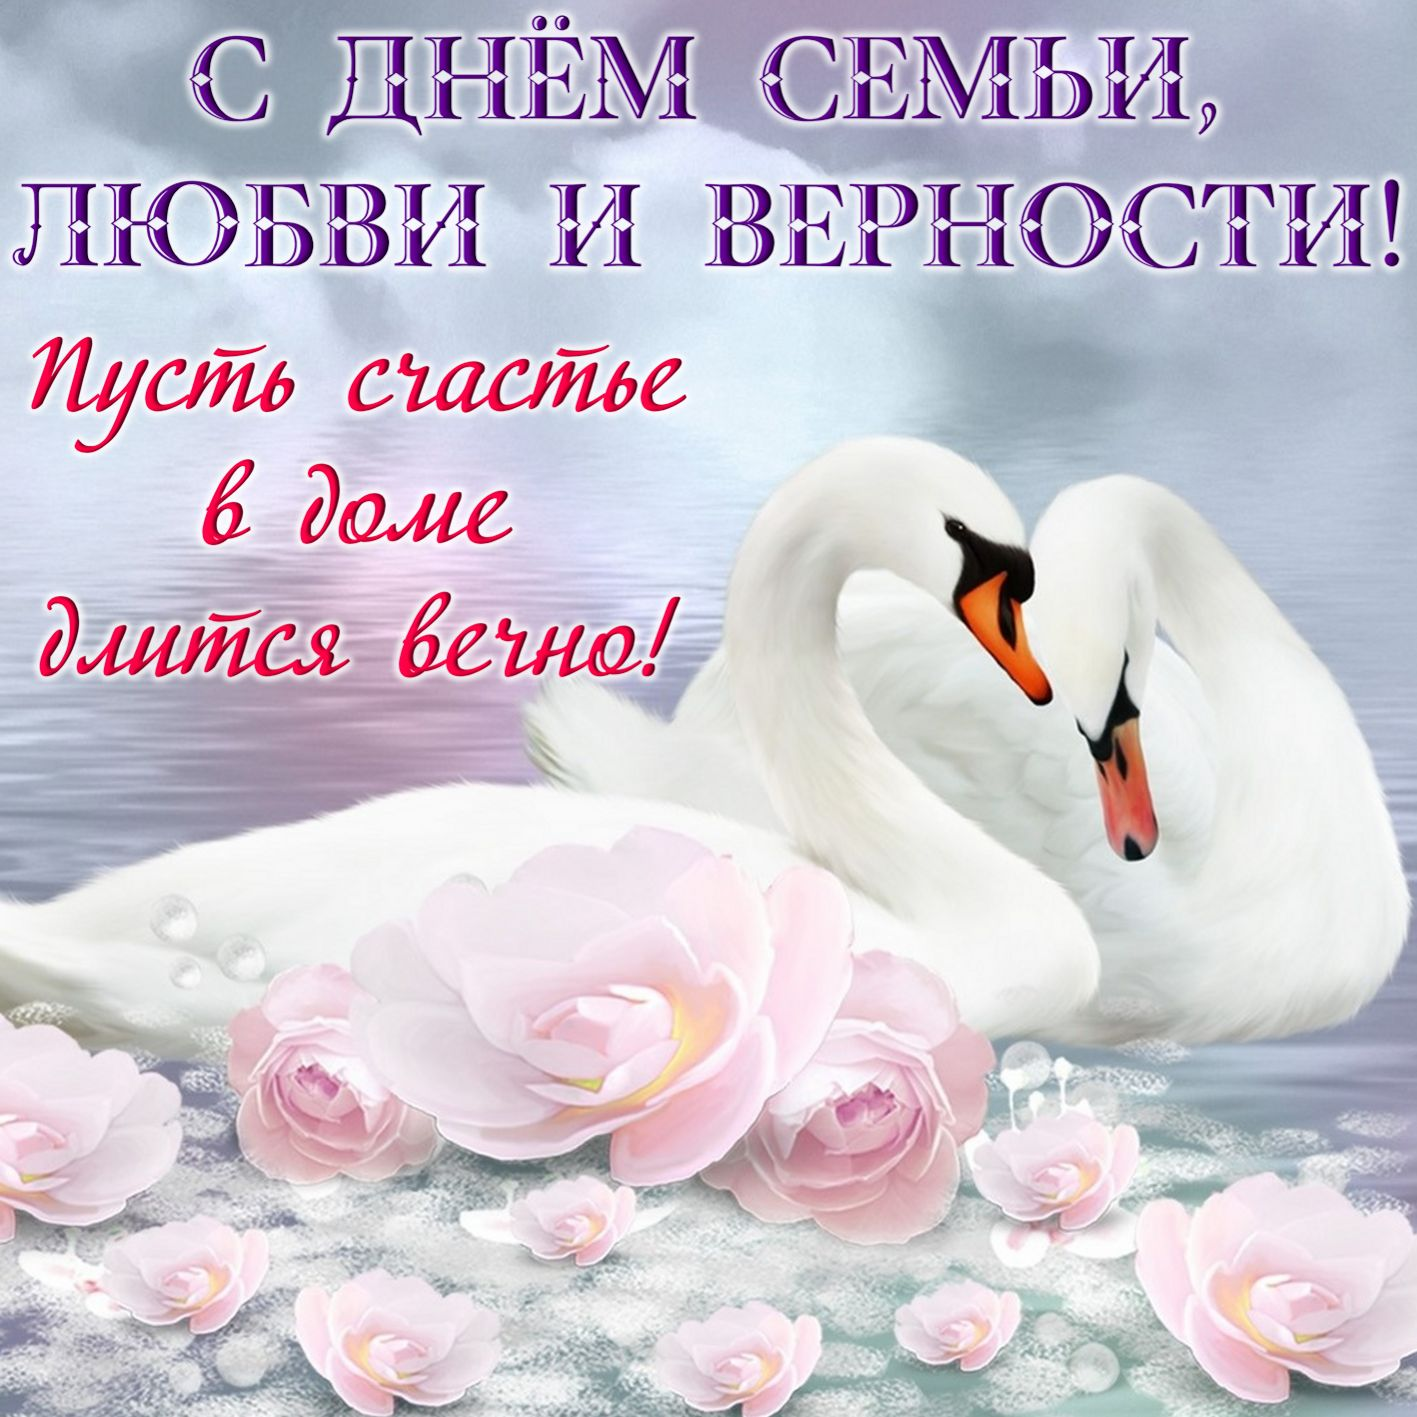 Фотографии открыток с лебедями